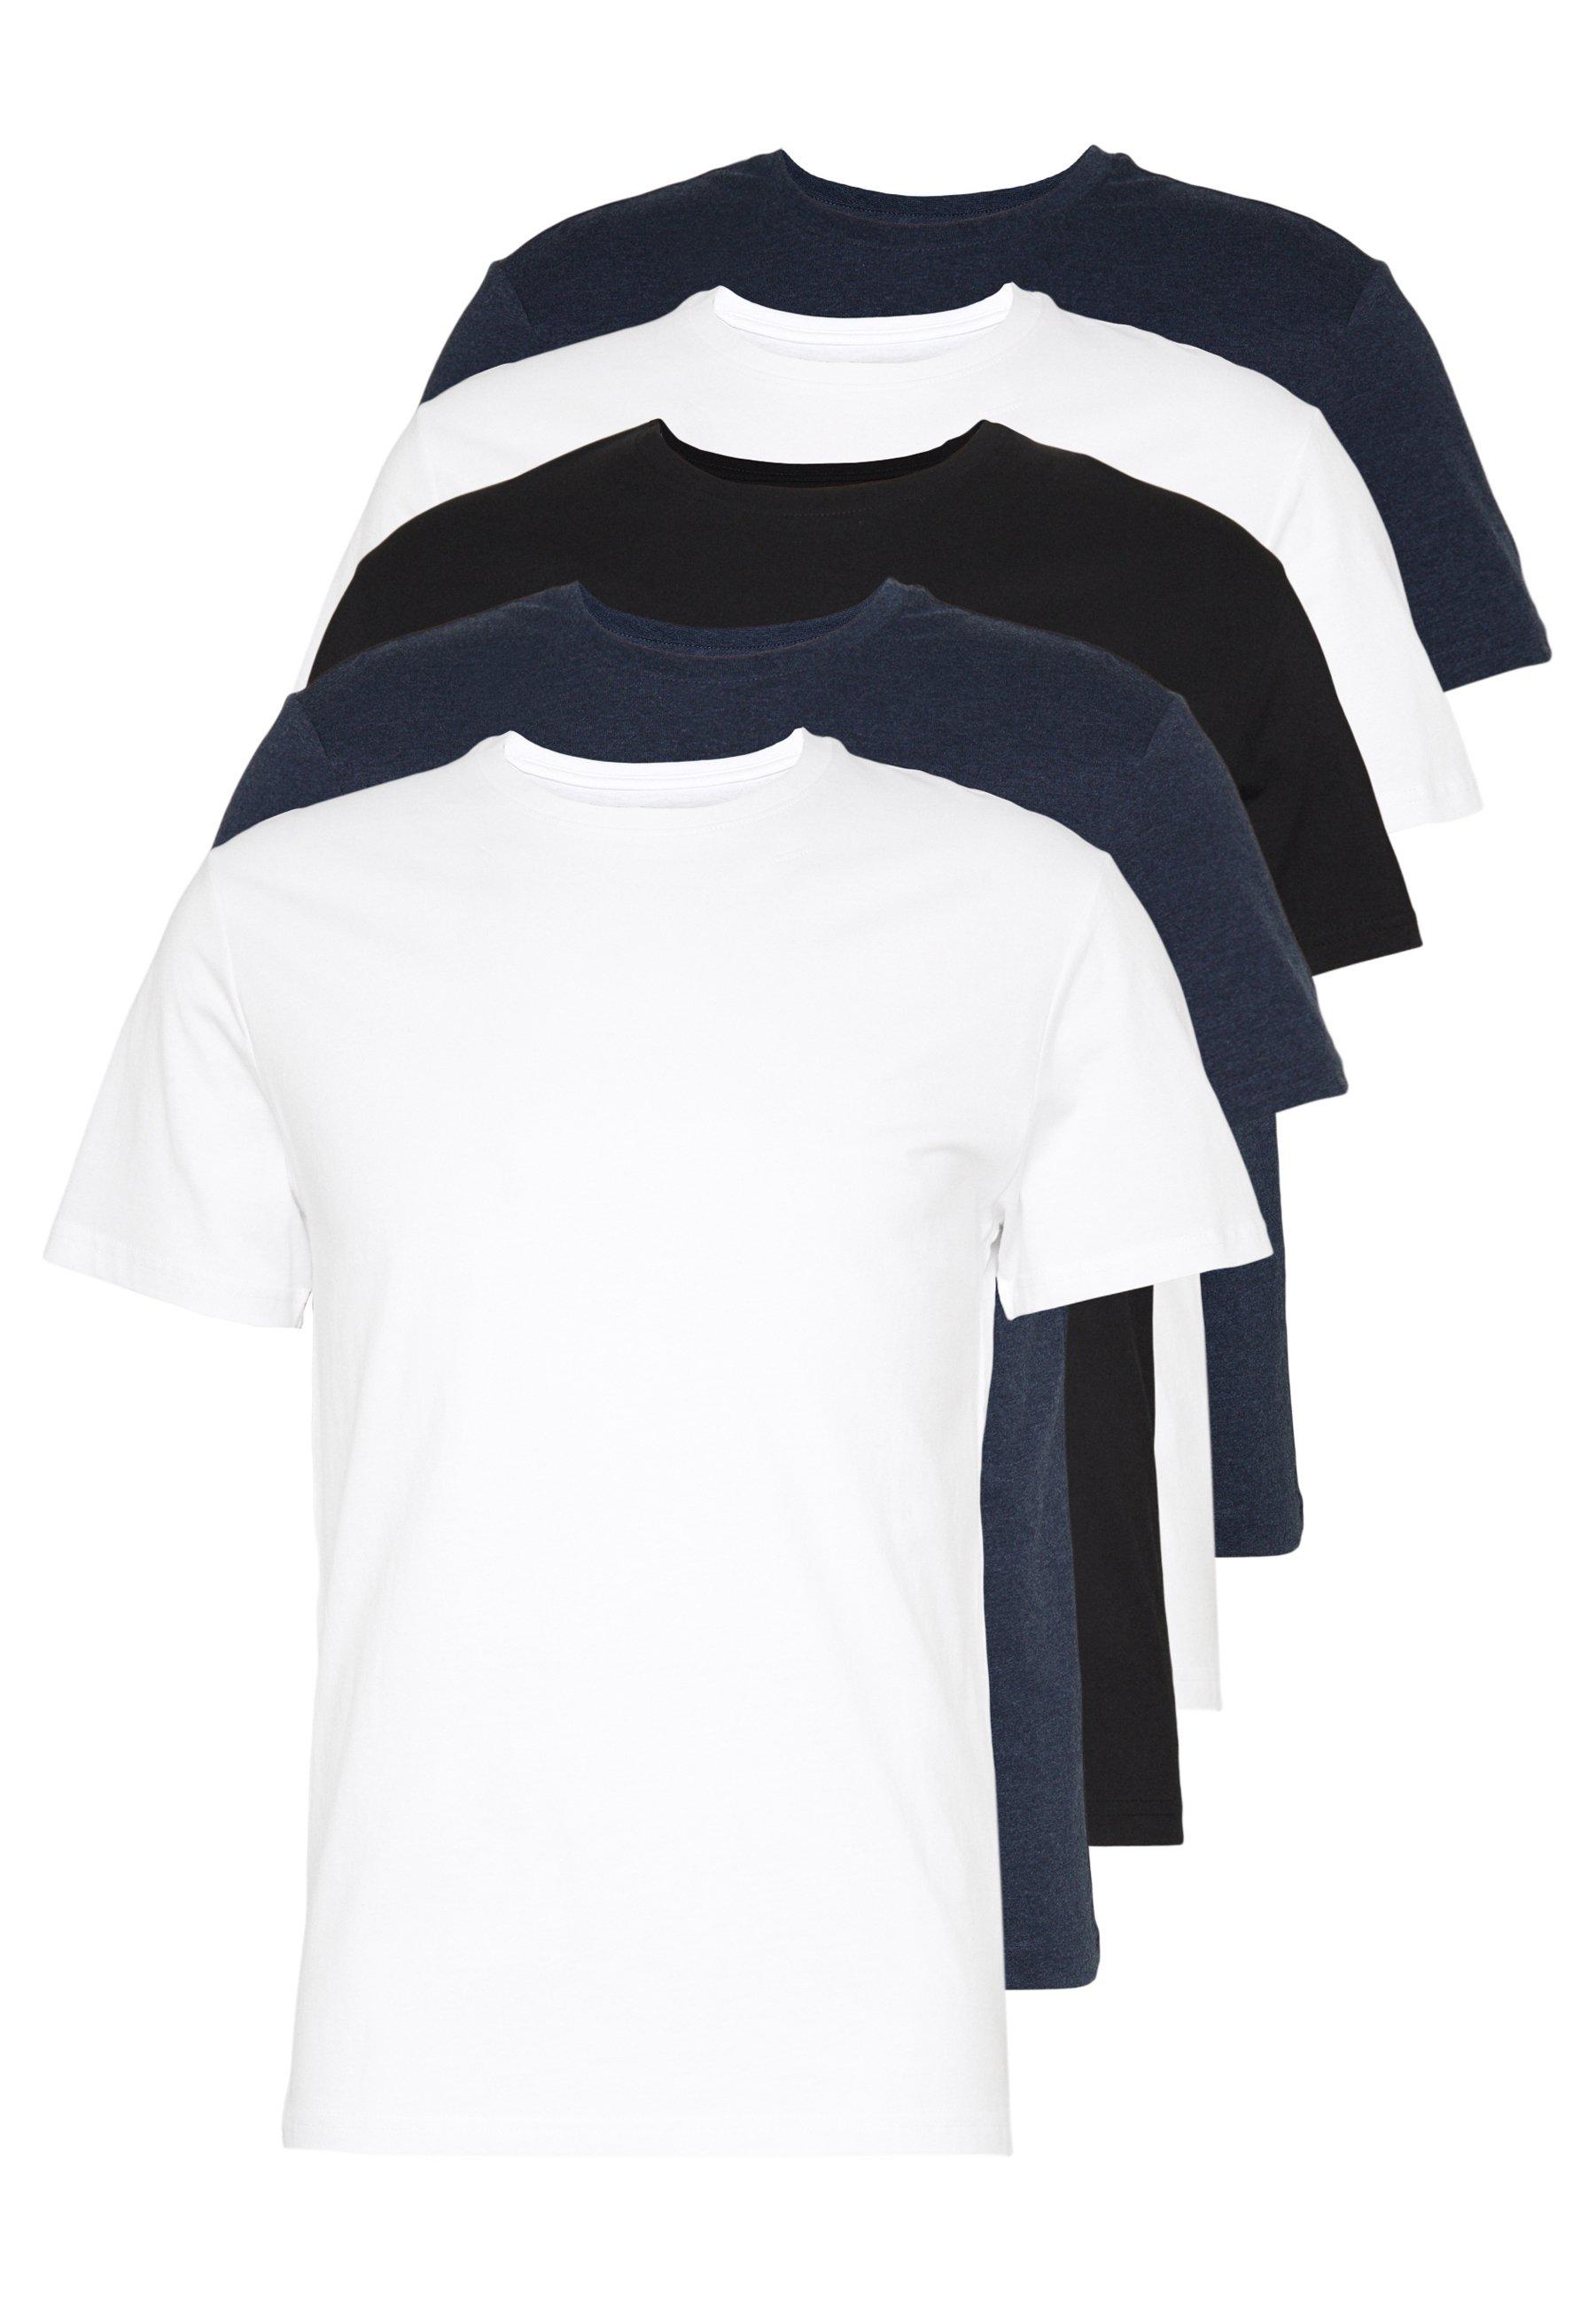 3er Pack Marc O /'Polo Femmes Mini Slips Slip S M L XL